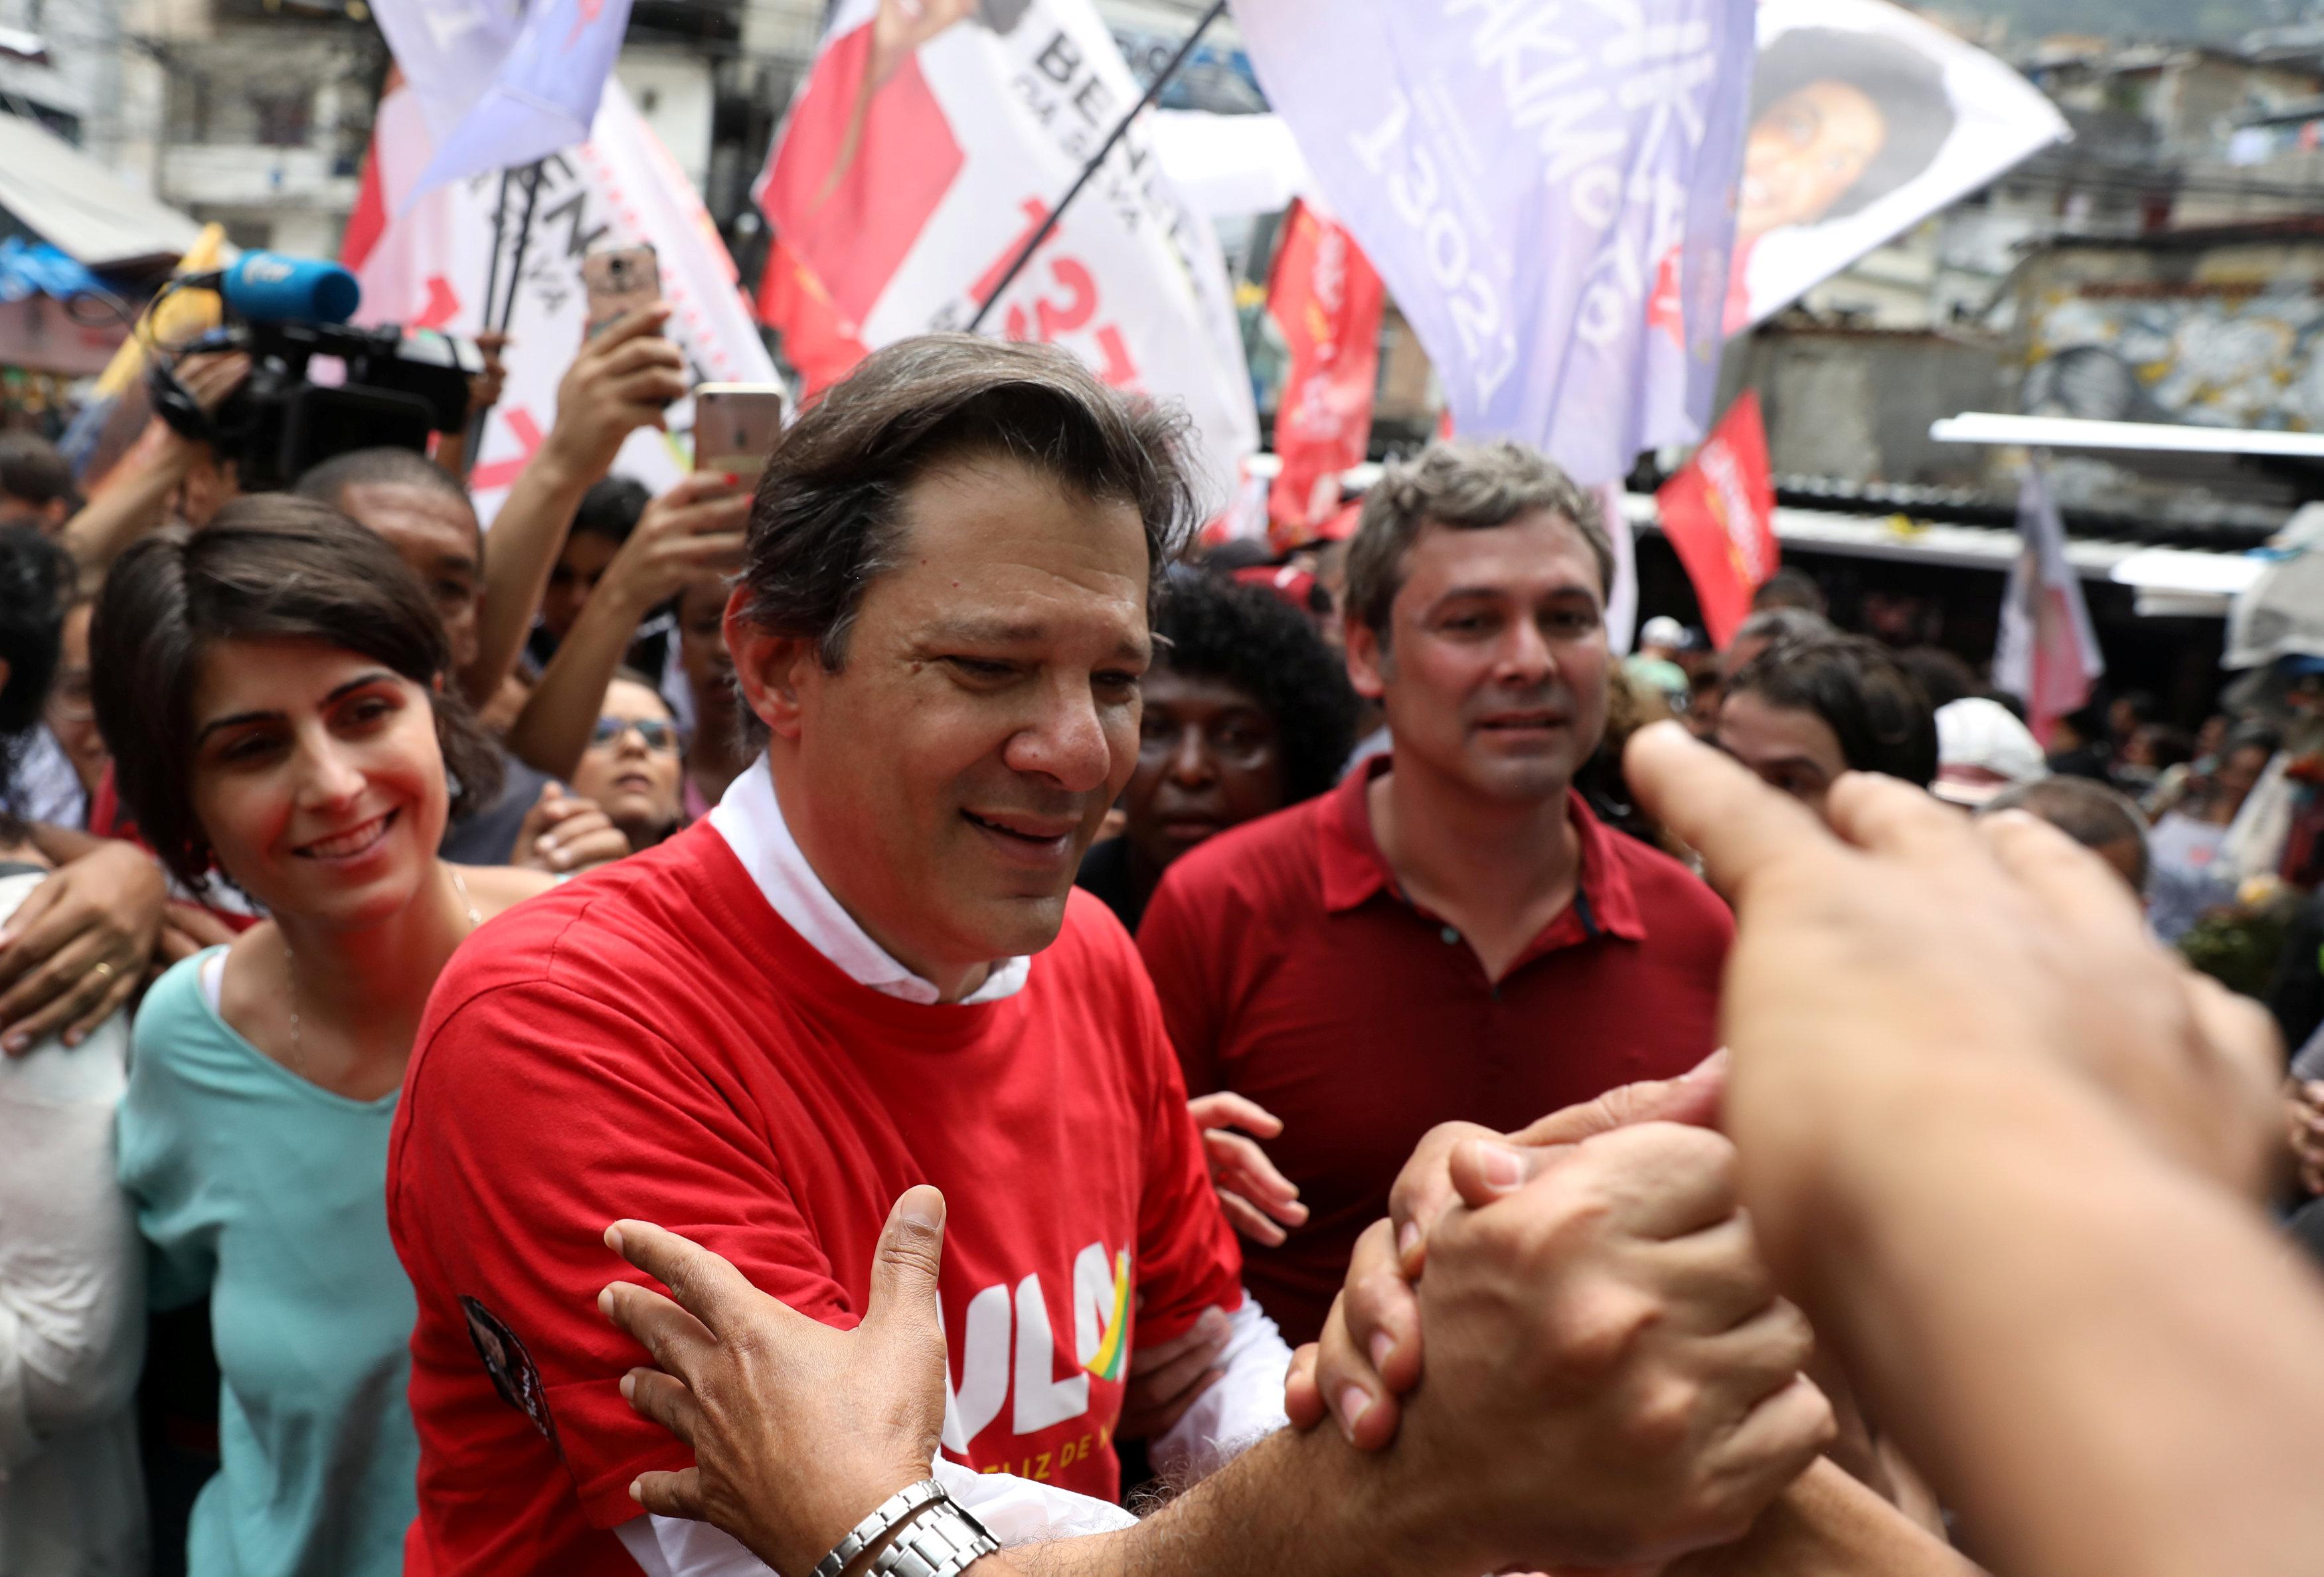 فرناندو حداد مرشّح اليسار للانتخابات الرئاسيّة البرازيليّة